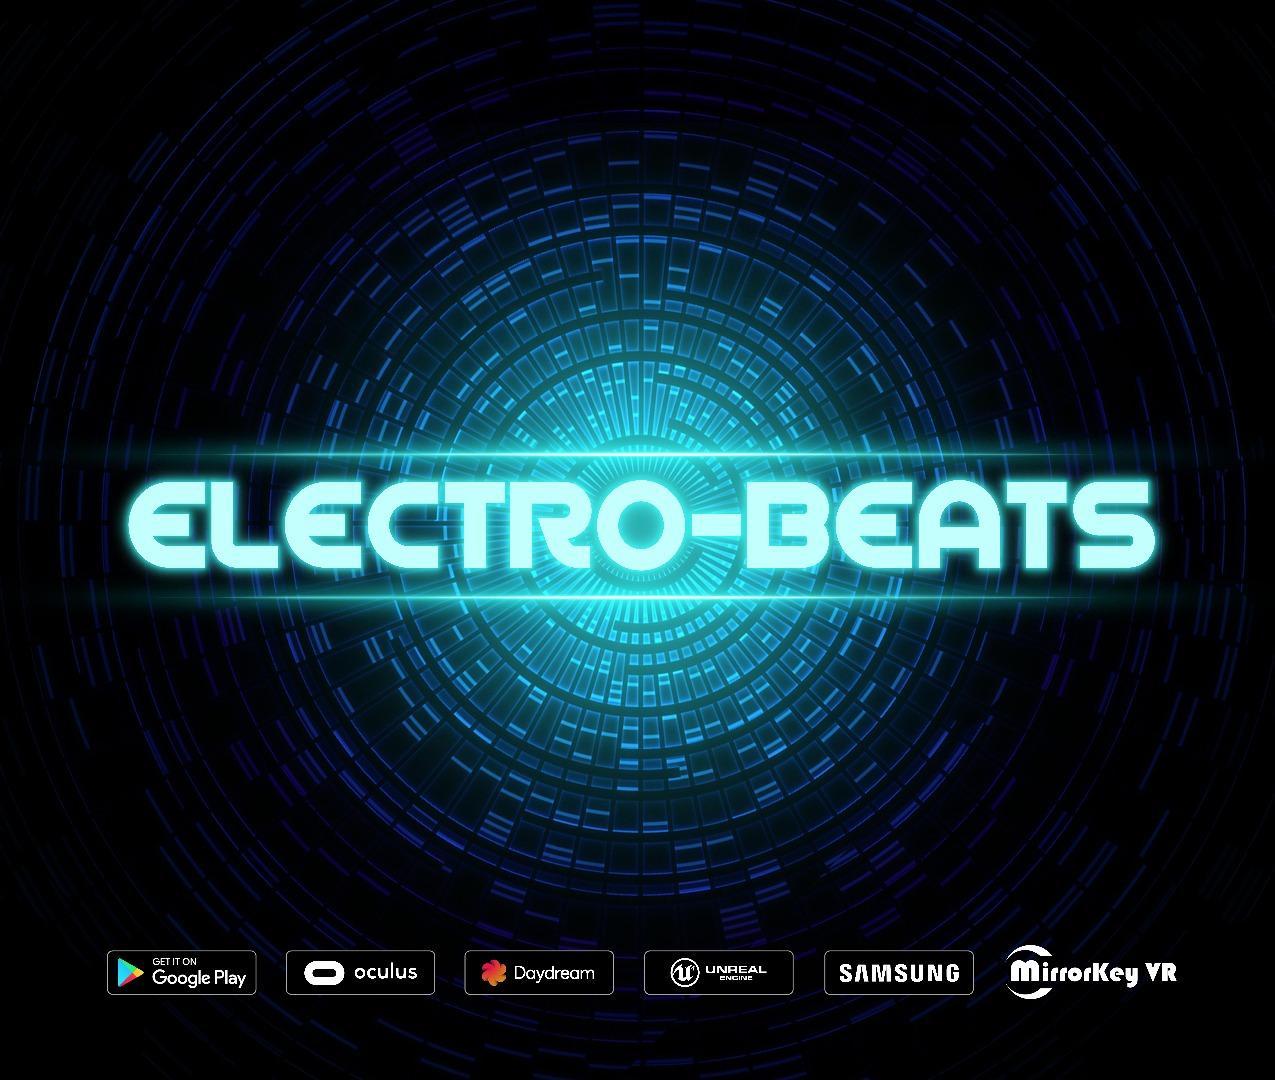 从抖腿神曲到VR音游ElectroBeats设计全流程